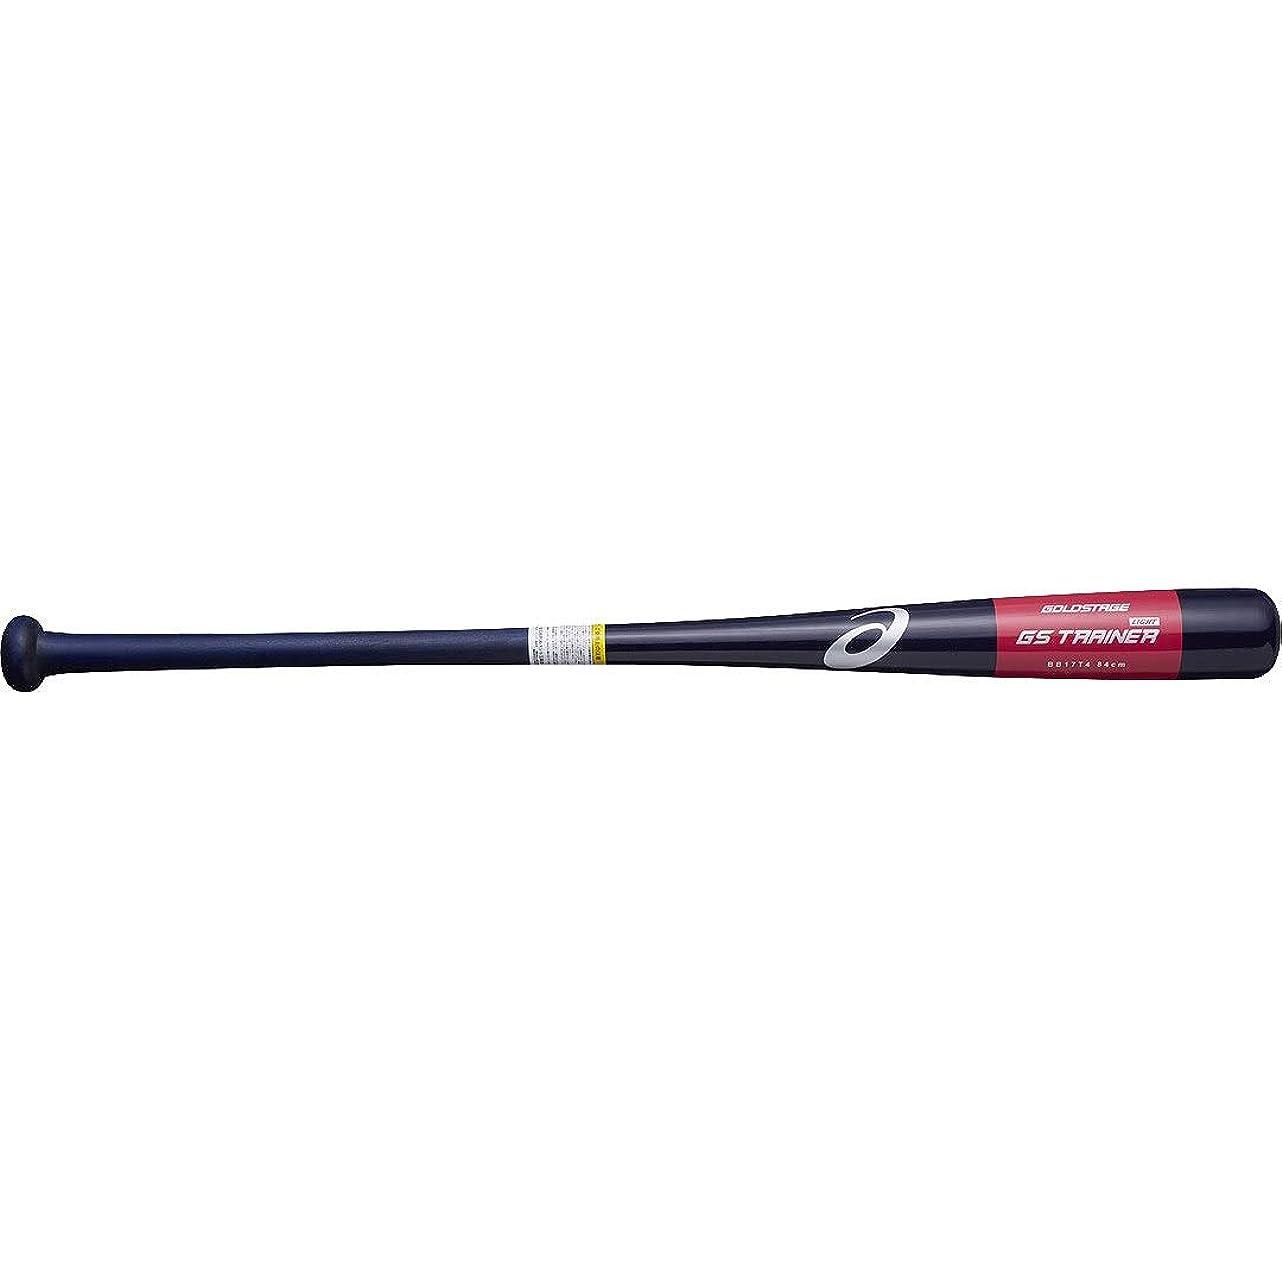 コストオープニング永久にacics(アシックス) 野球 バット 硬式 軟式 トレーニング 木製 一般 ゴールドステージ トレーナー BB17T4 84cm